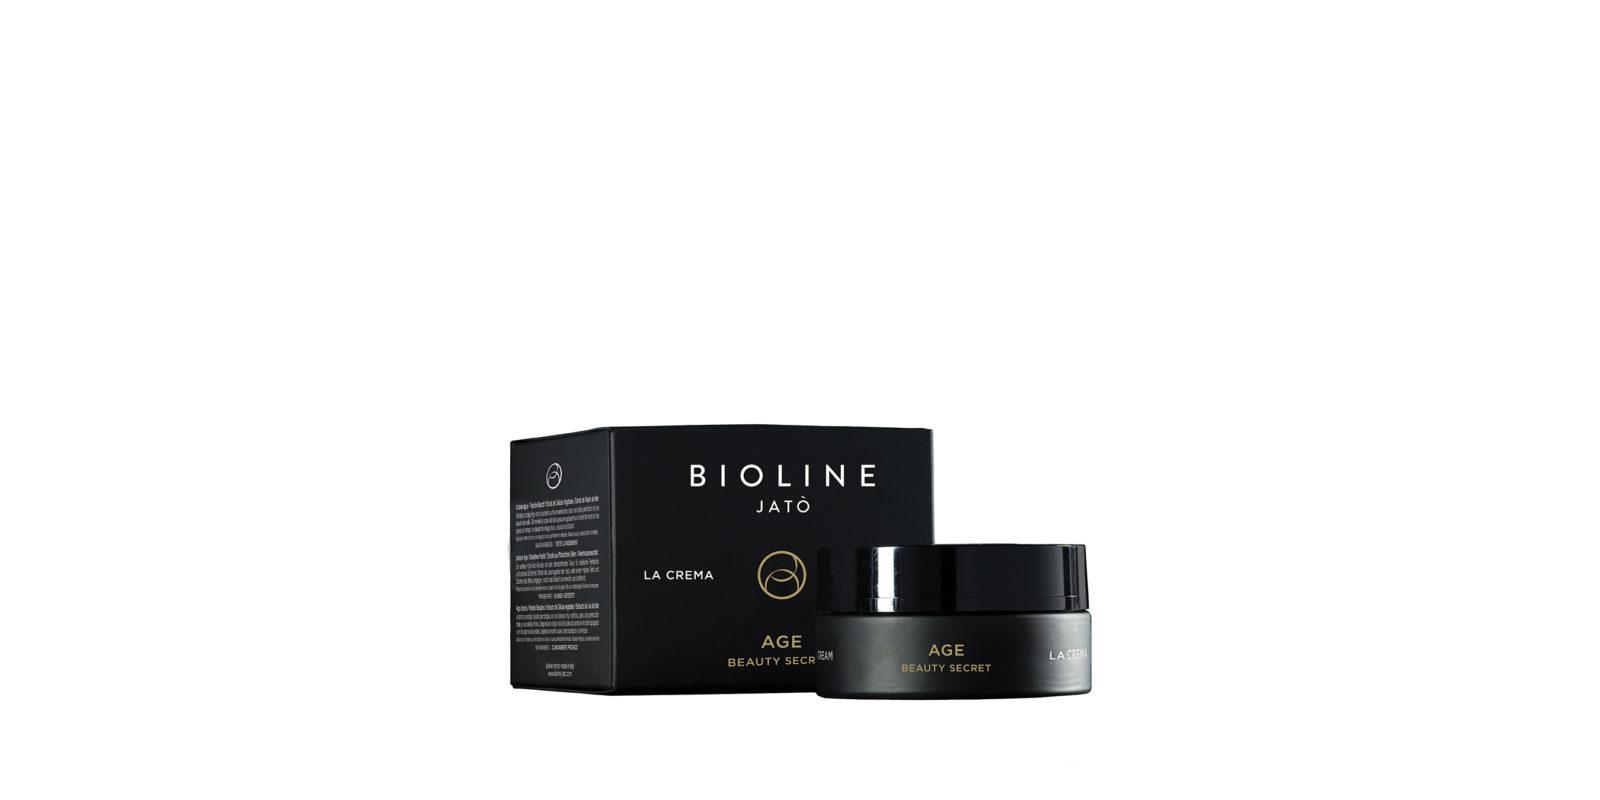 Linea Vita+ - Bioline Jatò